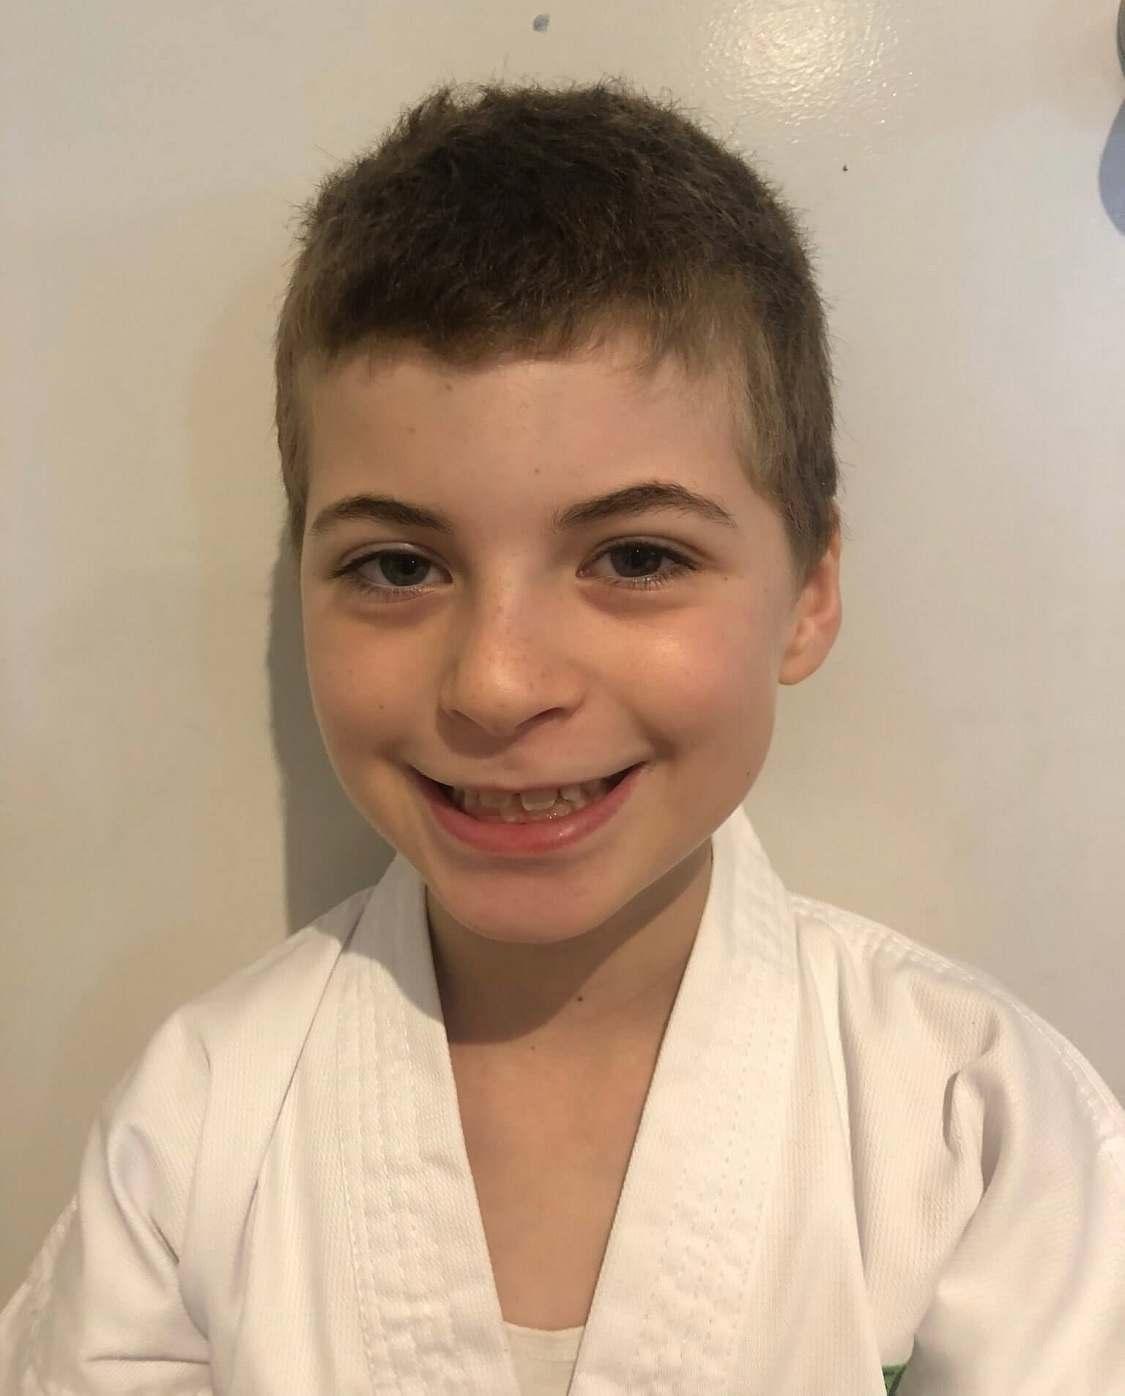 Webp.net Resizeimage 3, Karate International of West Raleigh